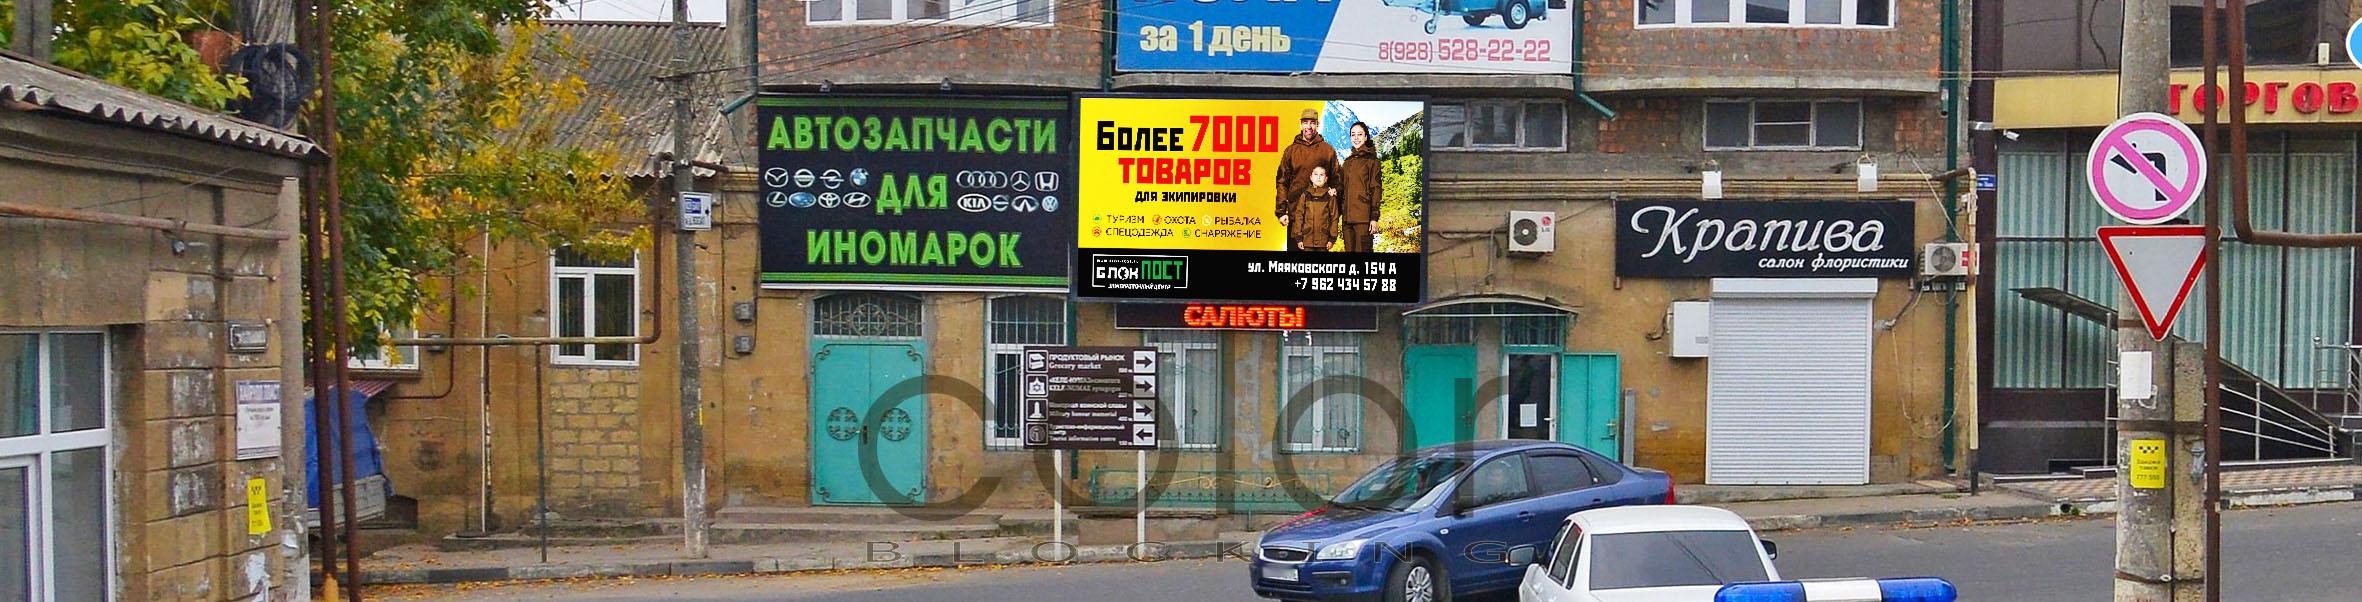 Реклама на LED мониторах в Дербенте сайт